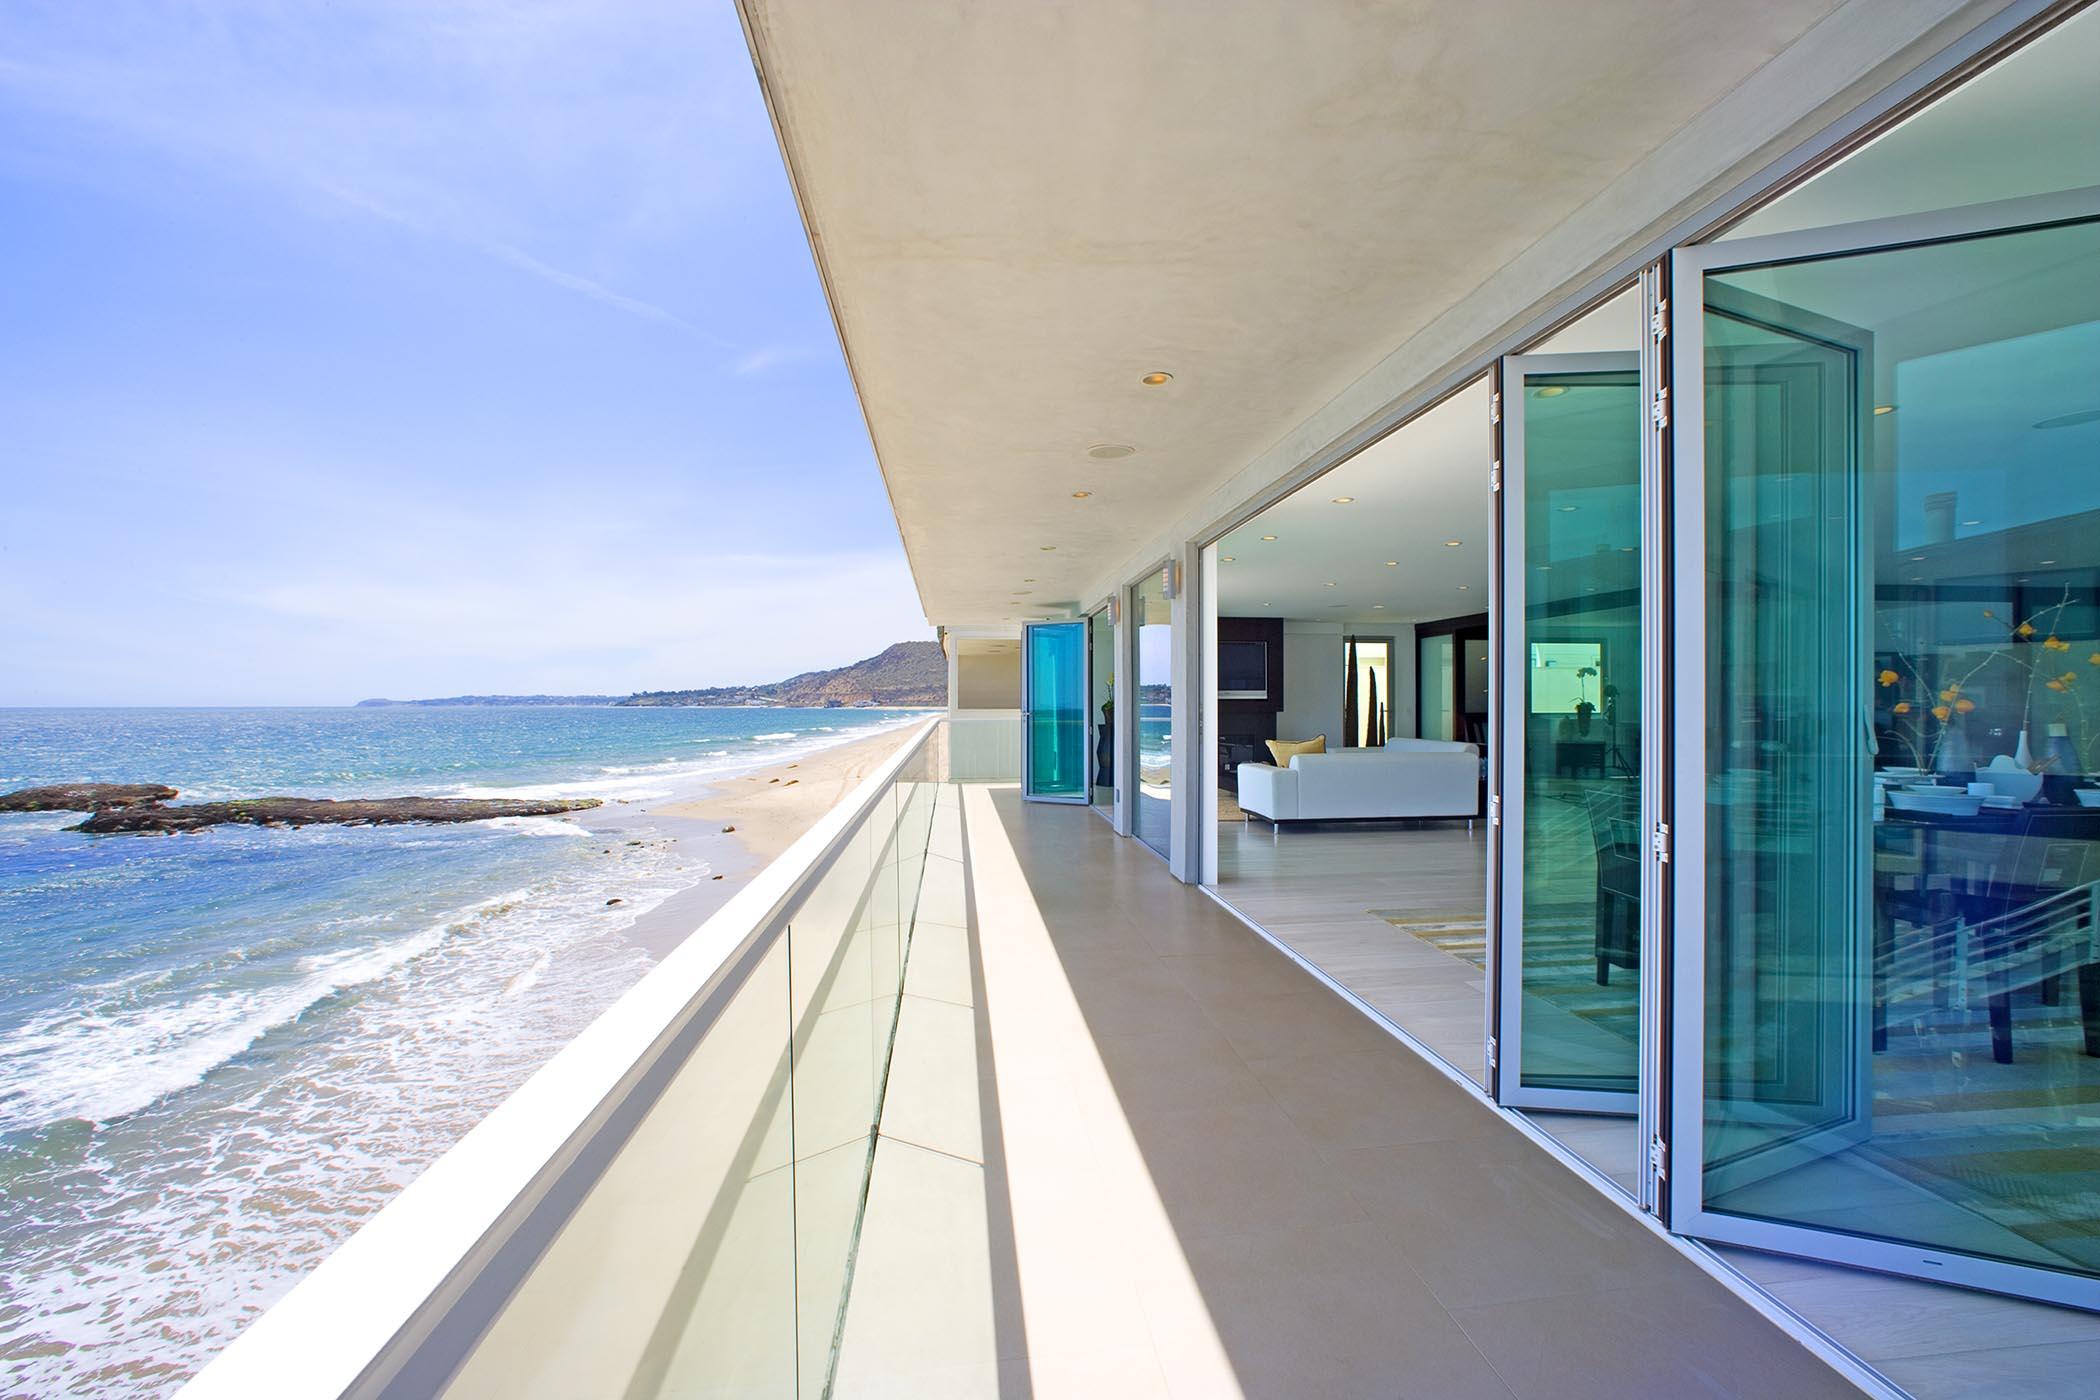 aluminum framed folding glass walls in modern oceanfront home